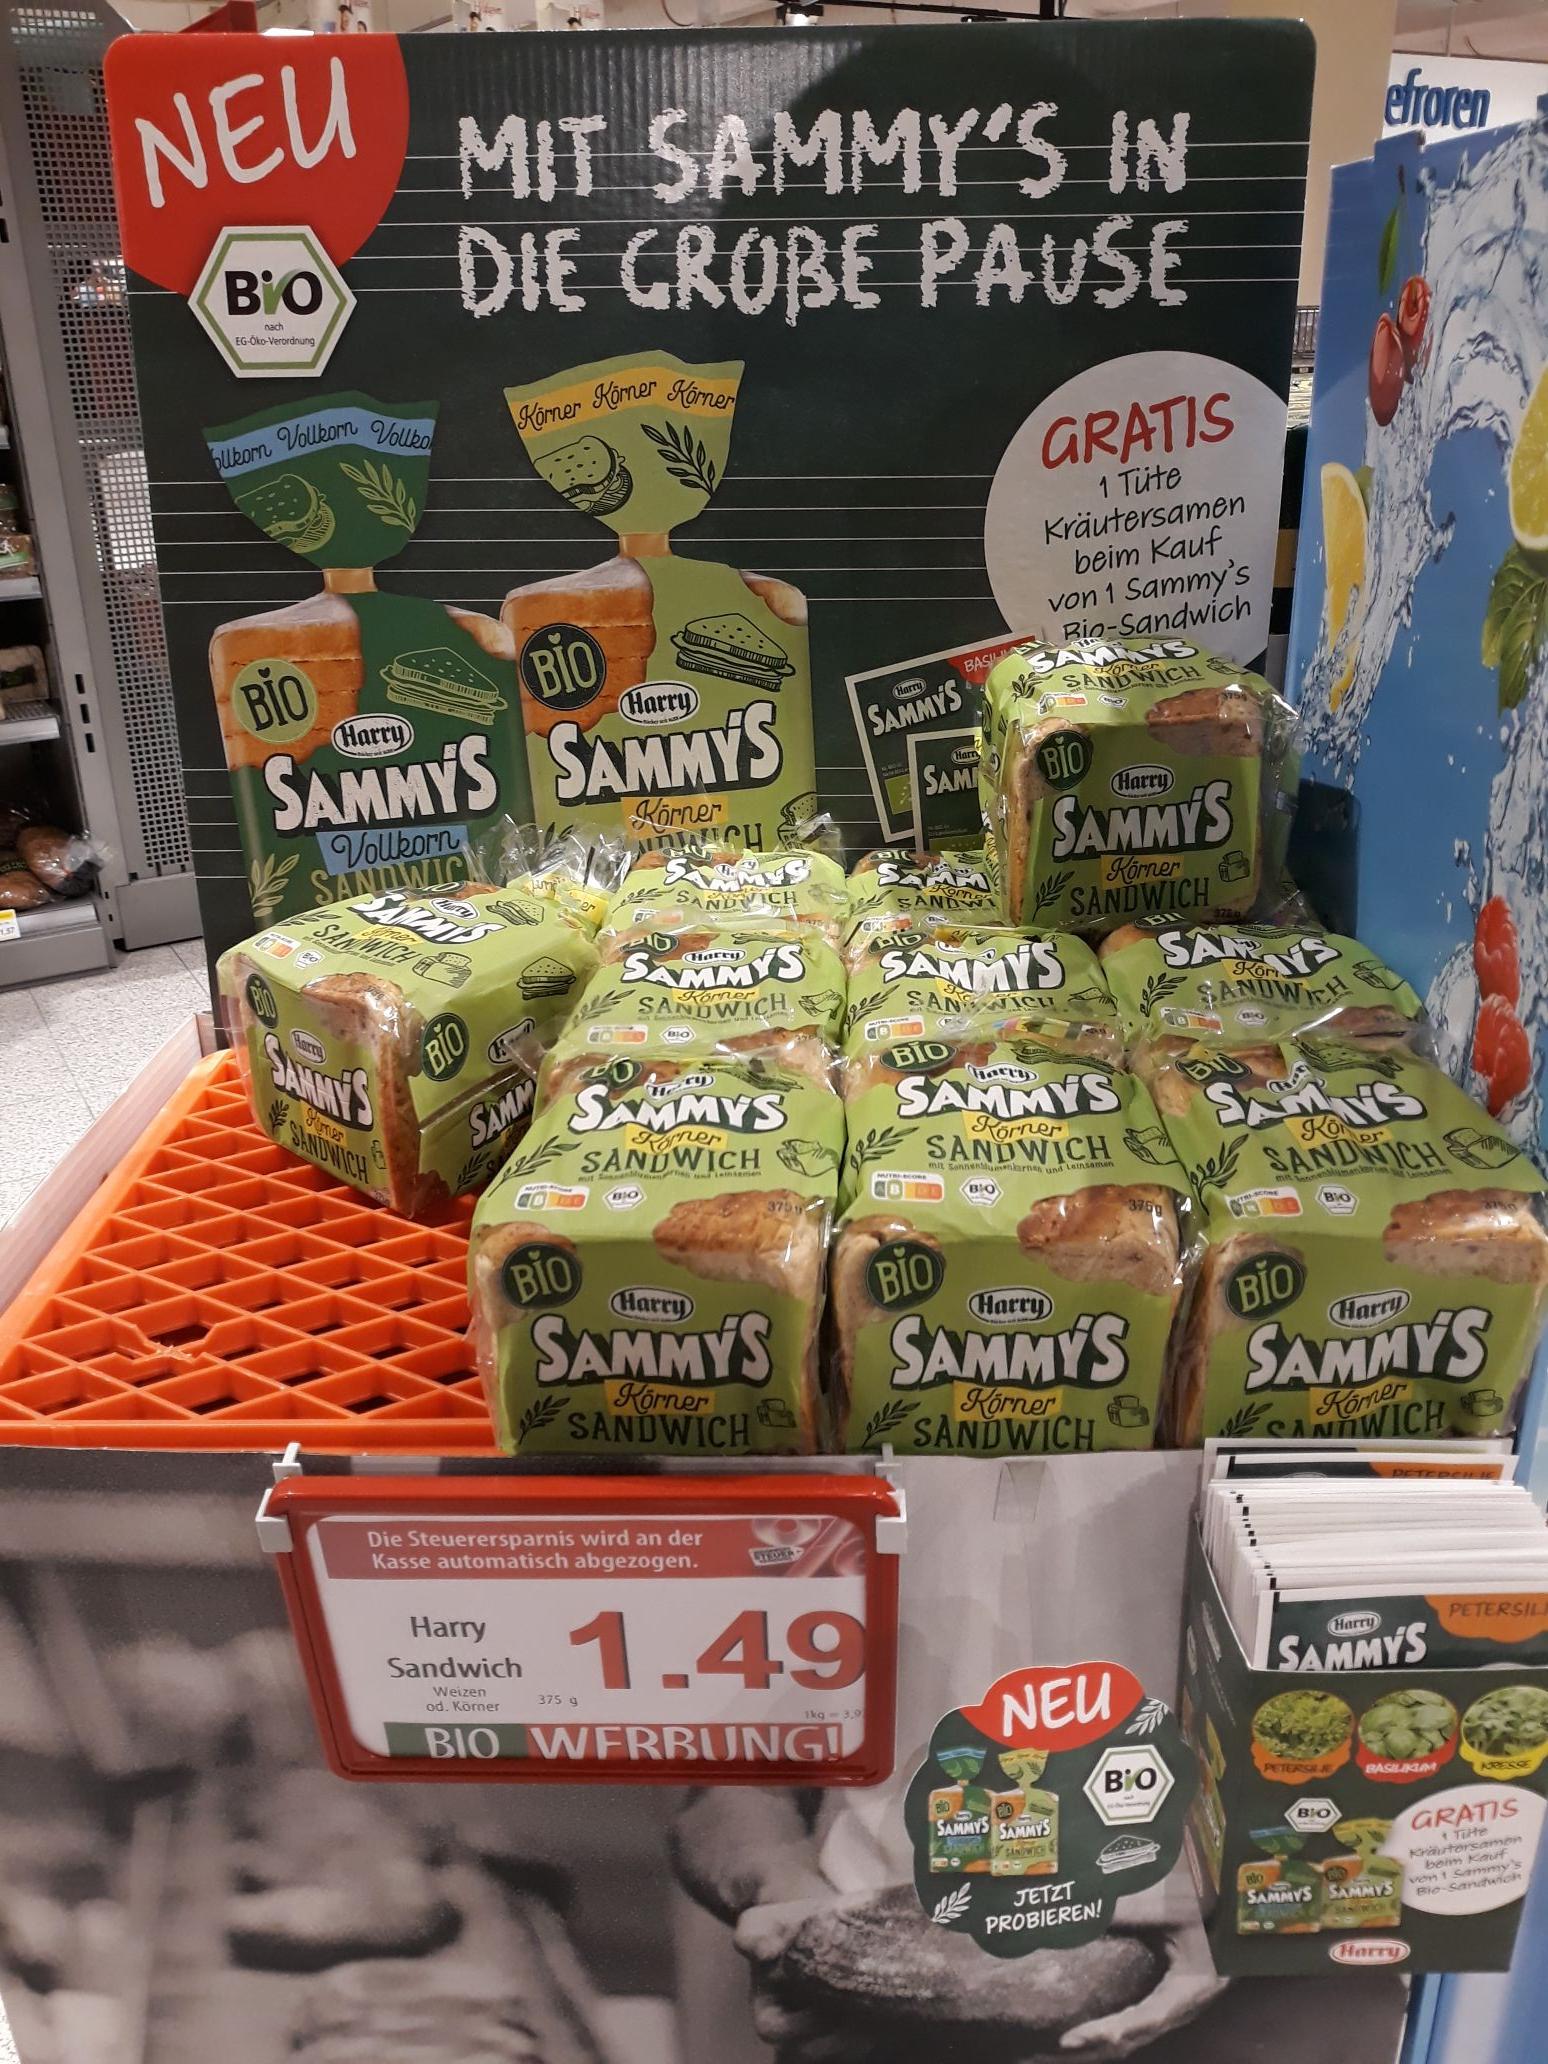 Harry Sammys Körner- oder Vollkornsandwich kaufen und eine Tüte Kräutersamen gratis dazu